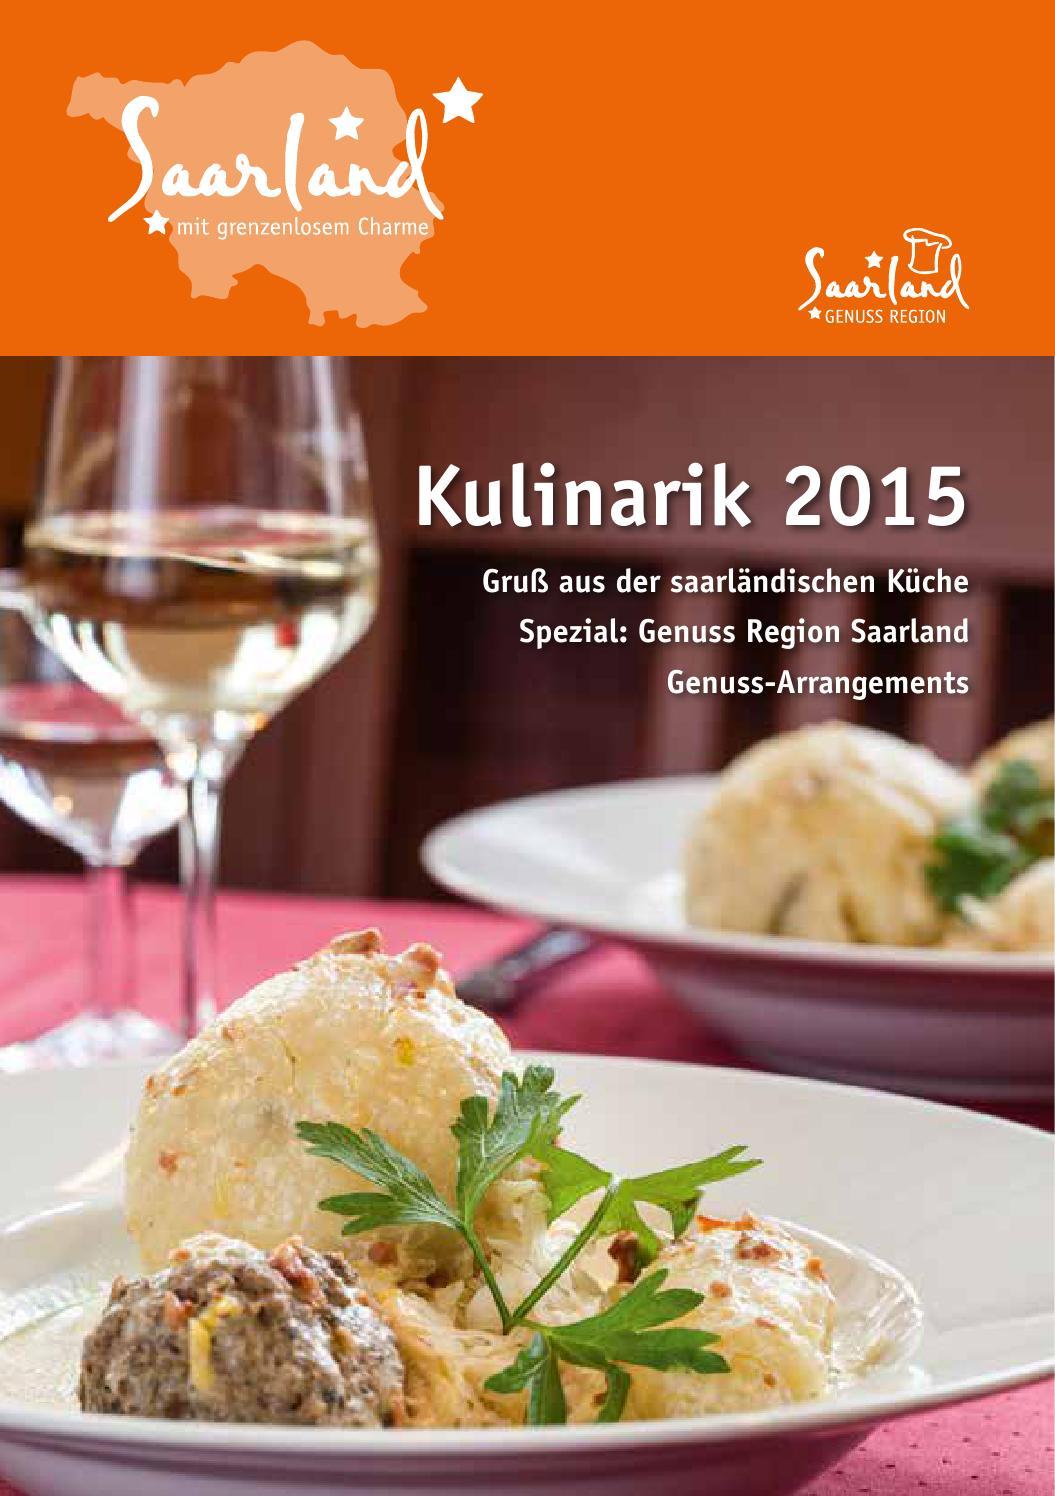 Full Size of Kulinarisches Saarland 2015 By Tourismus Zentrale Unterschränke Küche Hängeschrank Glastüren Laminat Hängeschränke Segmüller Barhocker Wohnzimmer Küche Zu Verschenken Saarland